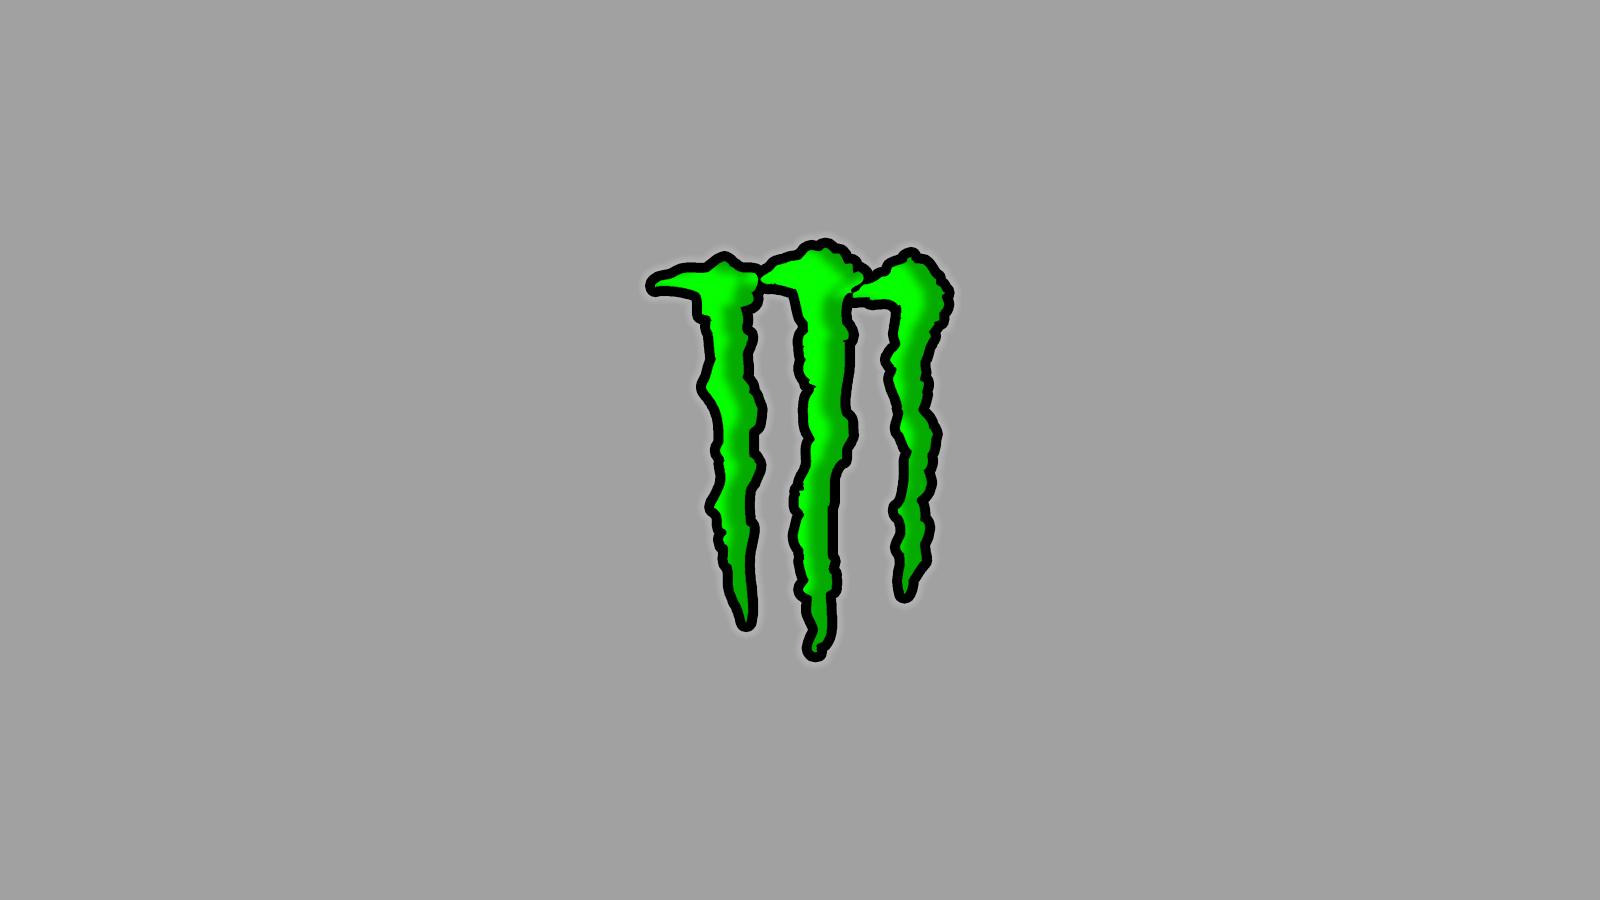 monster energy computer wallpaper 54112